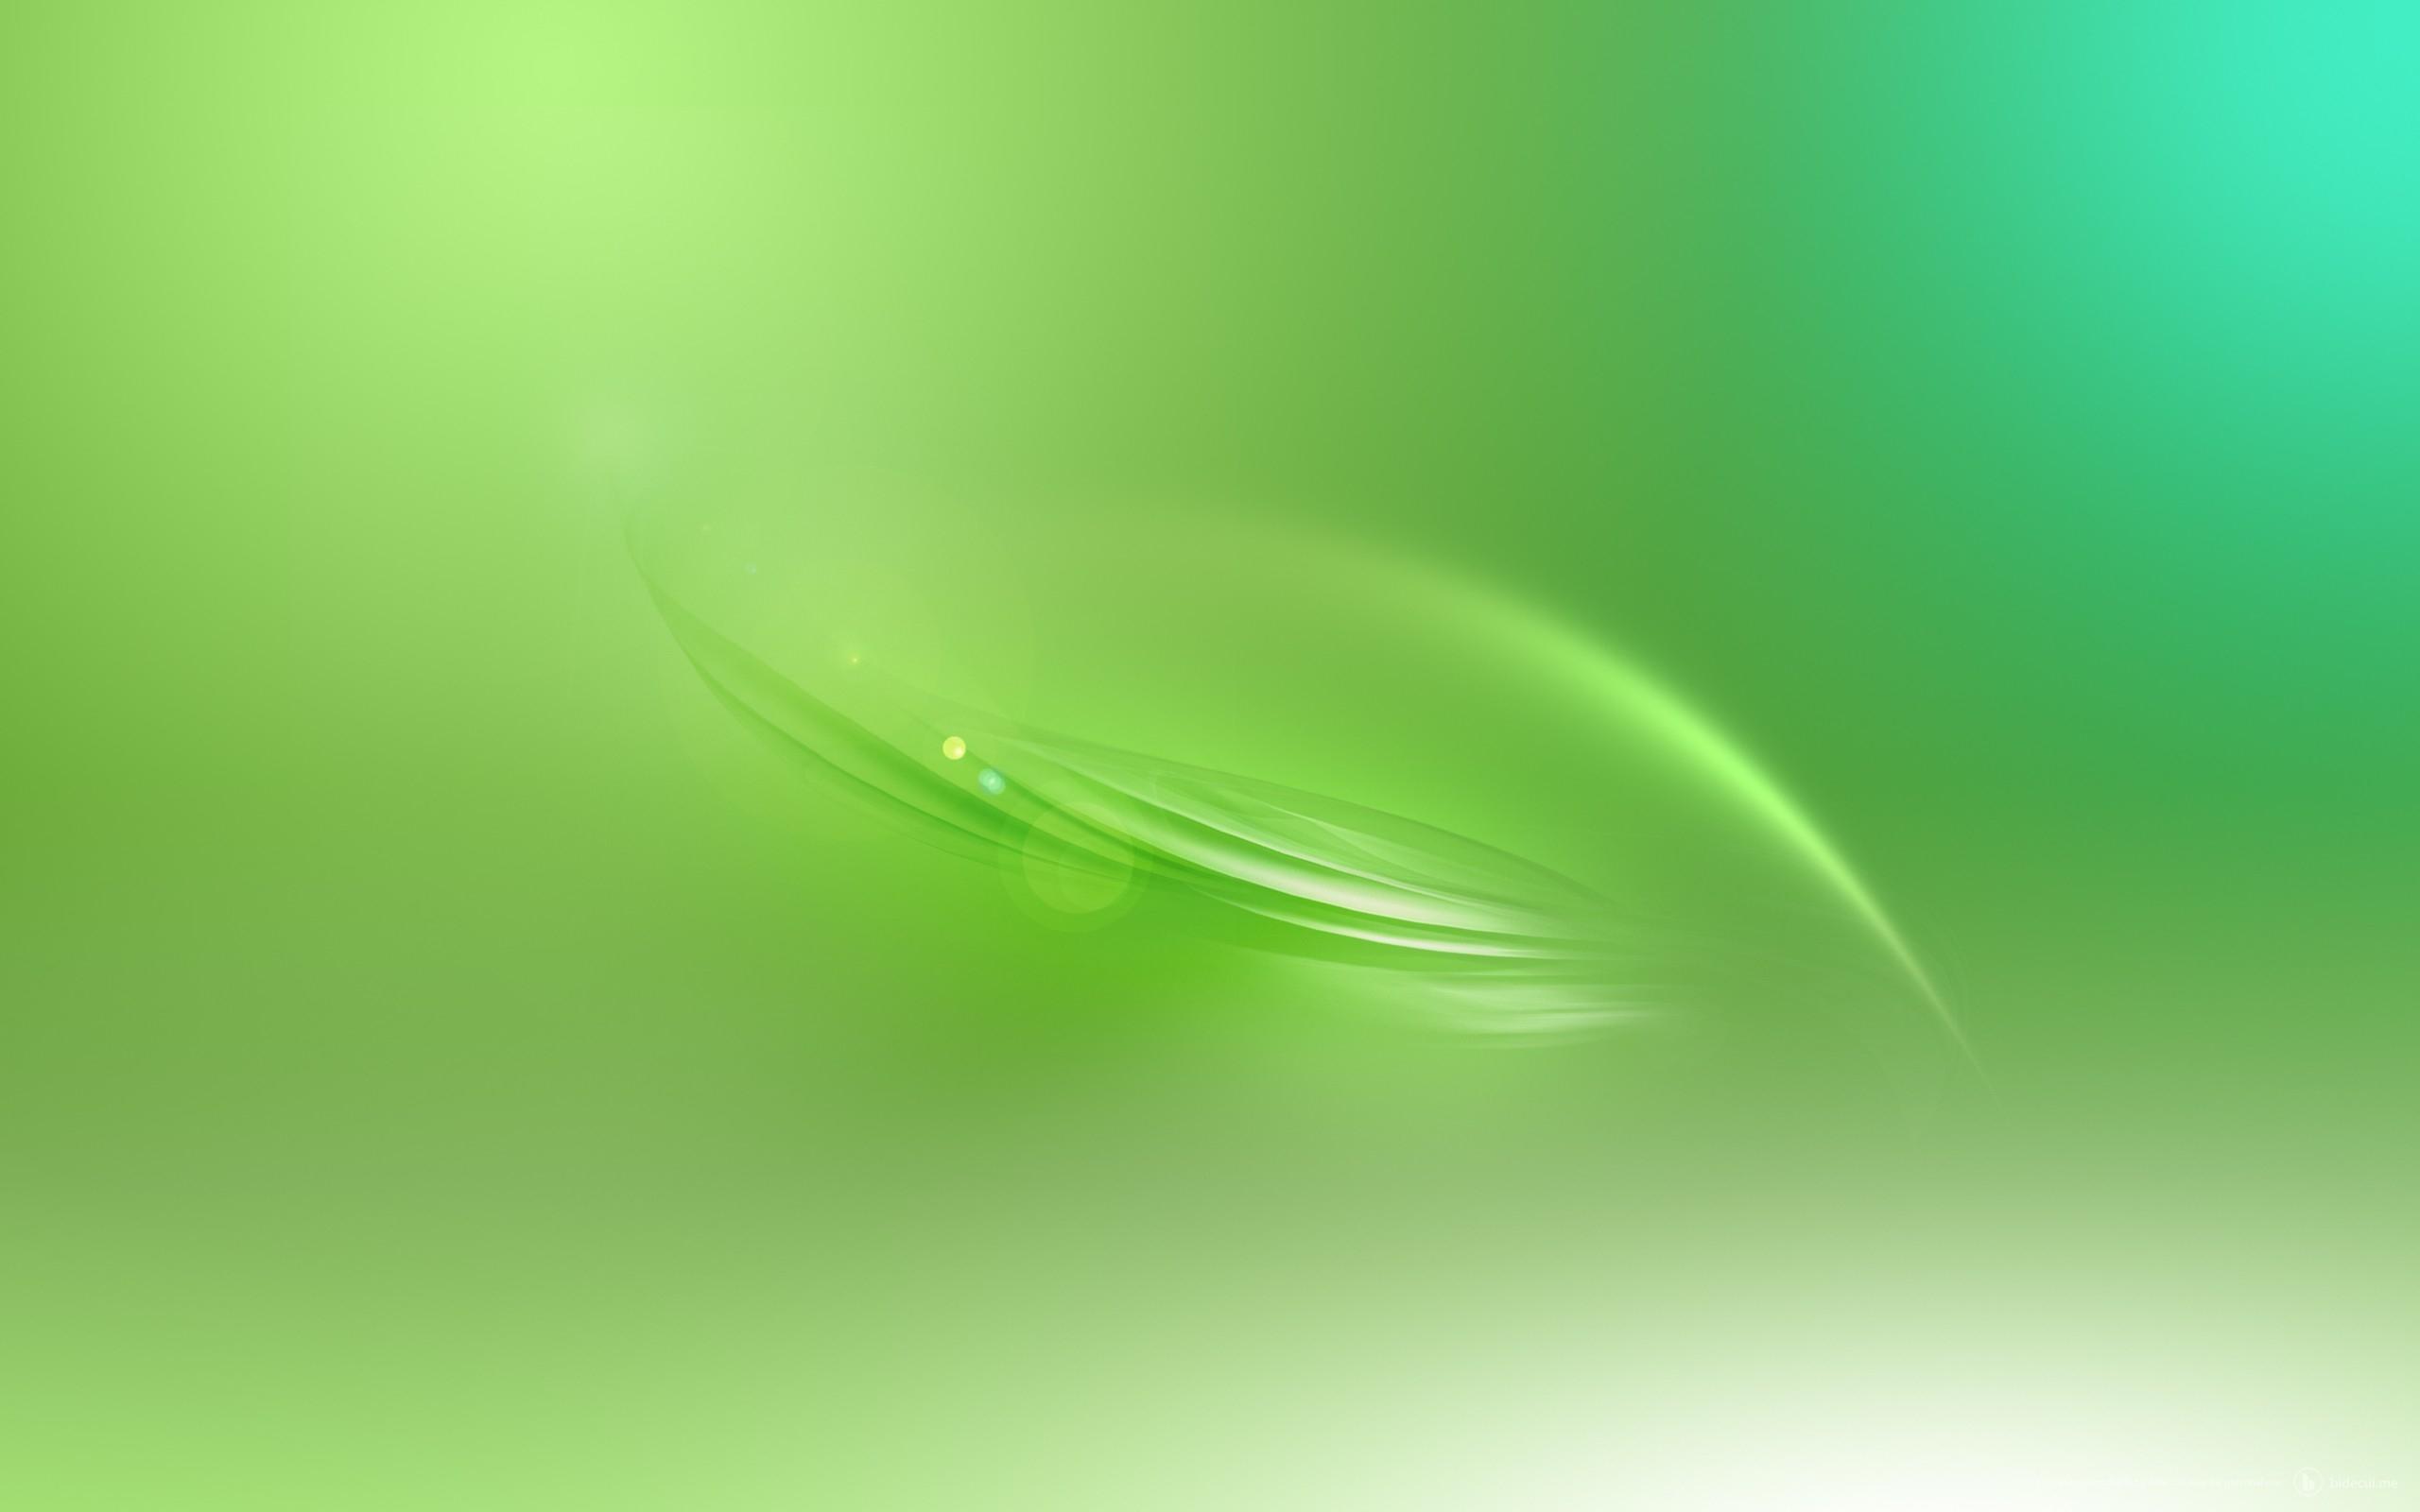 картинки на стол зеленый фон новую